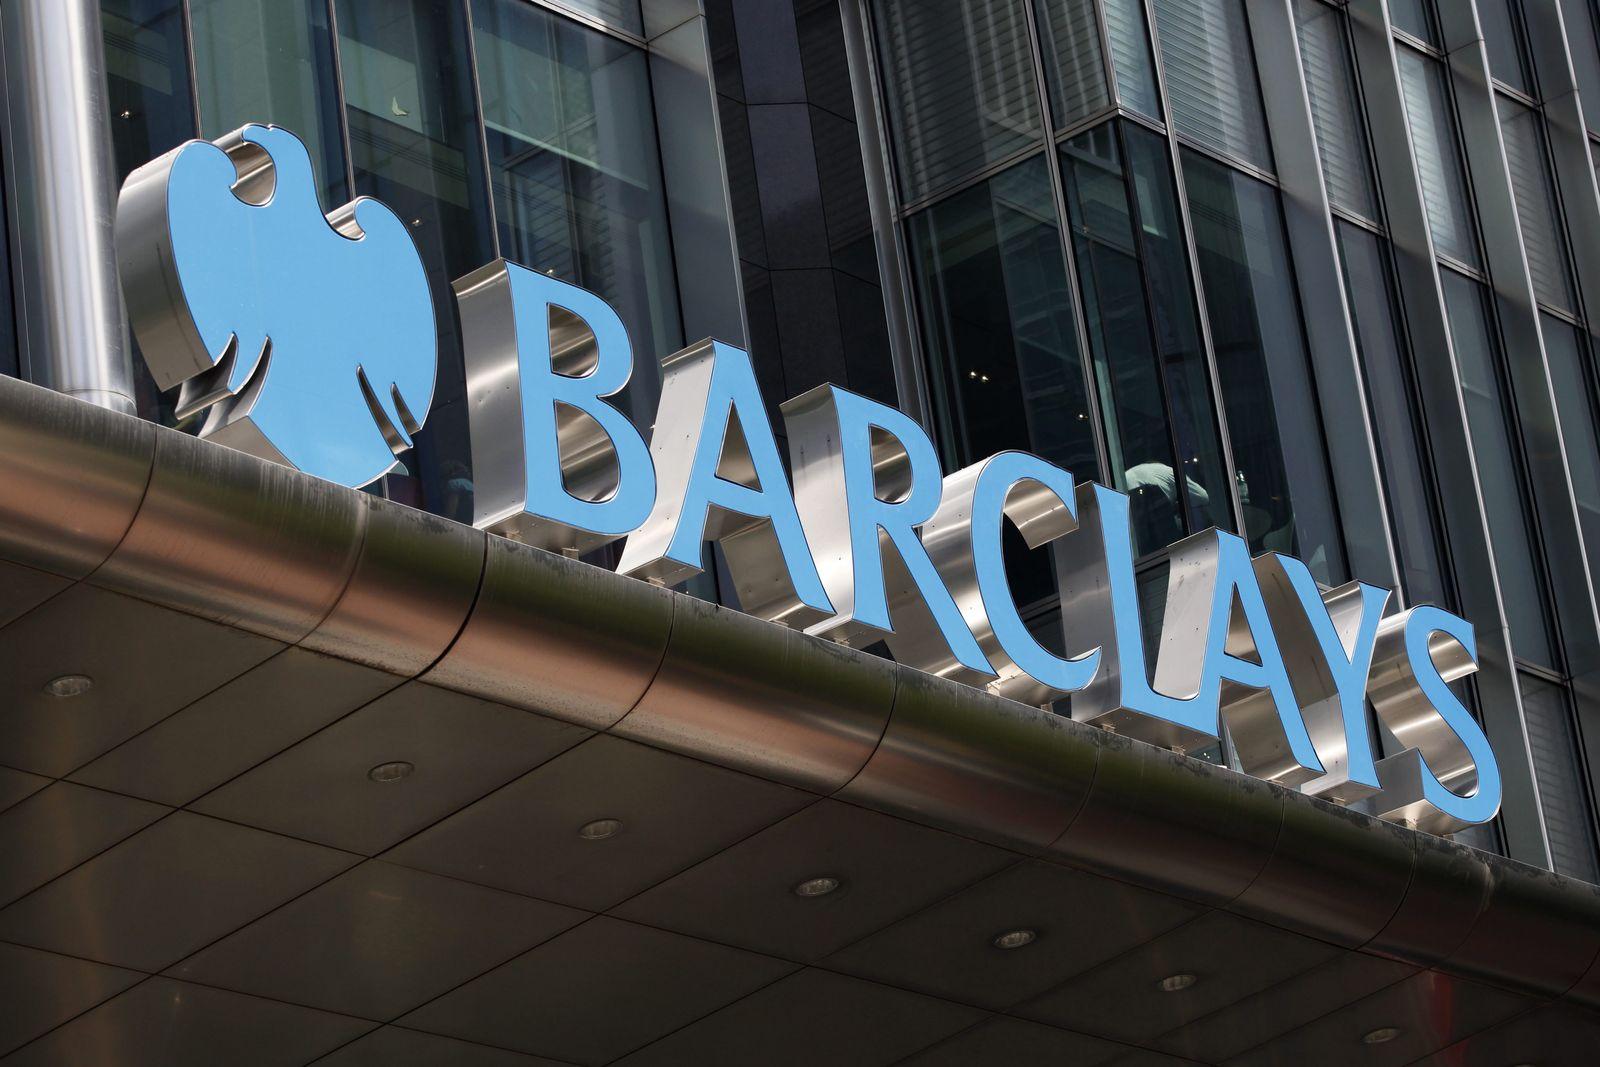 DER SPIEGEL 31/2012 SPIN pp 64 / Kartell / Barclays